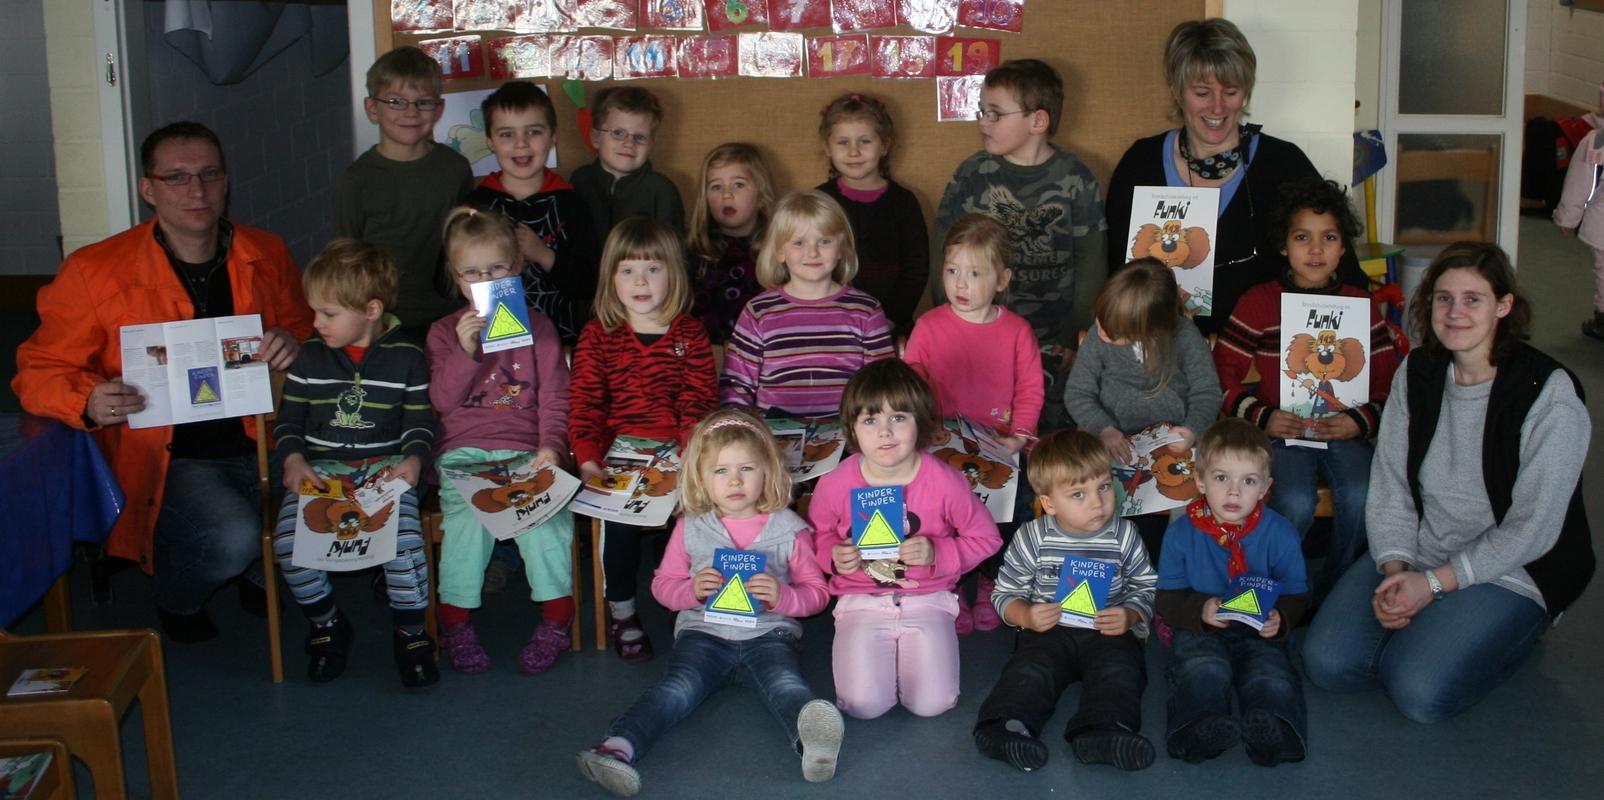 www.gelbesblatt.info Stuhlkreis im Kindergarten Adenstedt mit Kinderfindern gestaltet